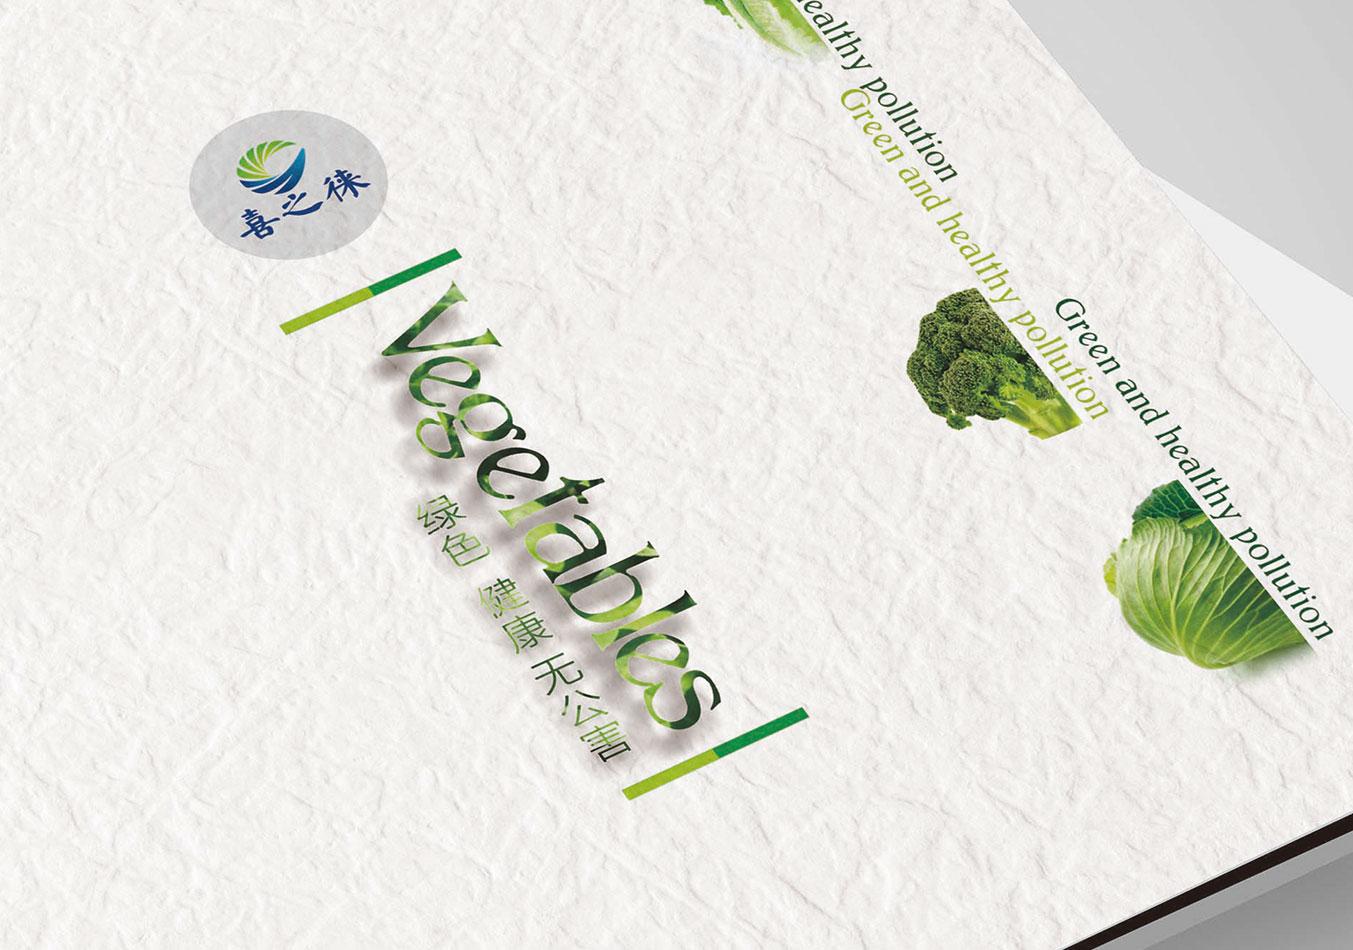 广州画册设计 清远五丰园农业有限公司 企业画册设计